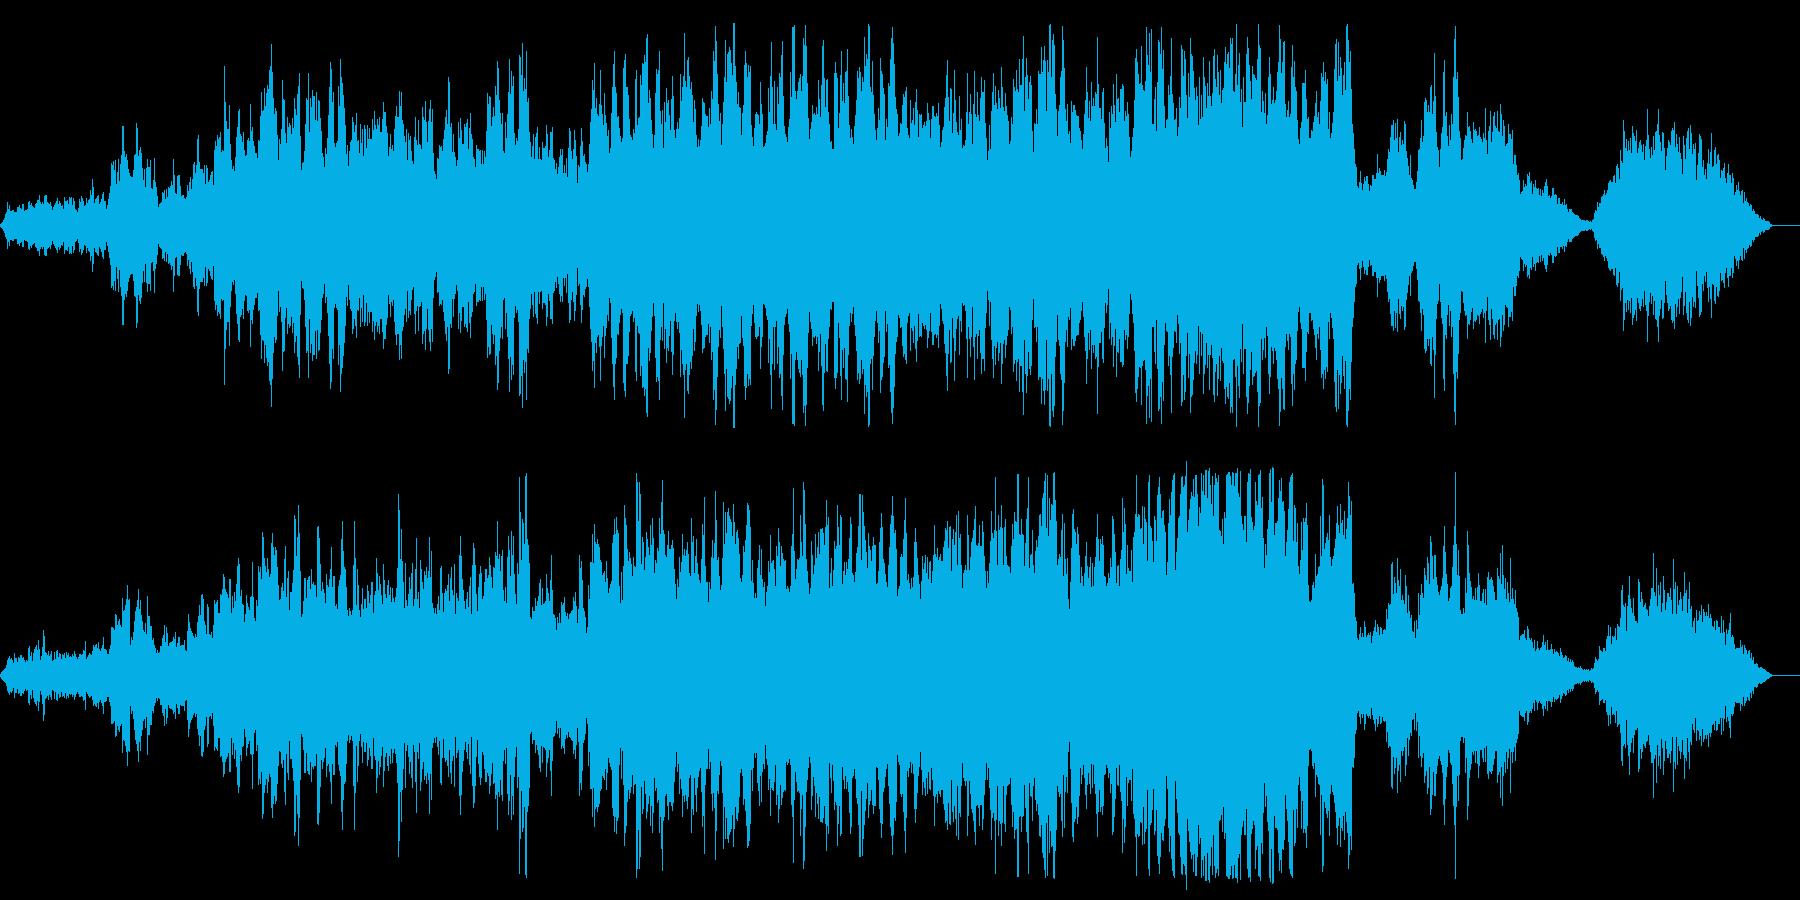 困難を乗り越え希望を-ストリングス挿入曲の再生済みの波形